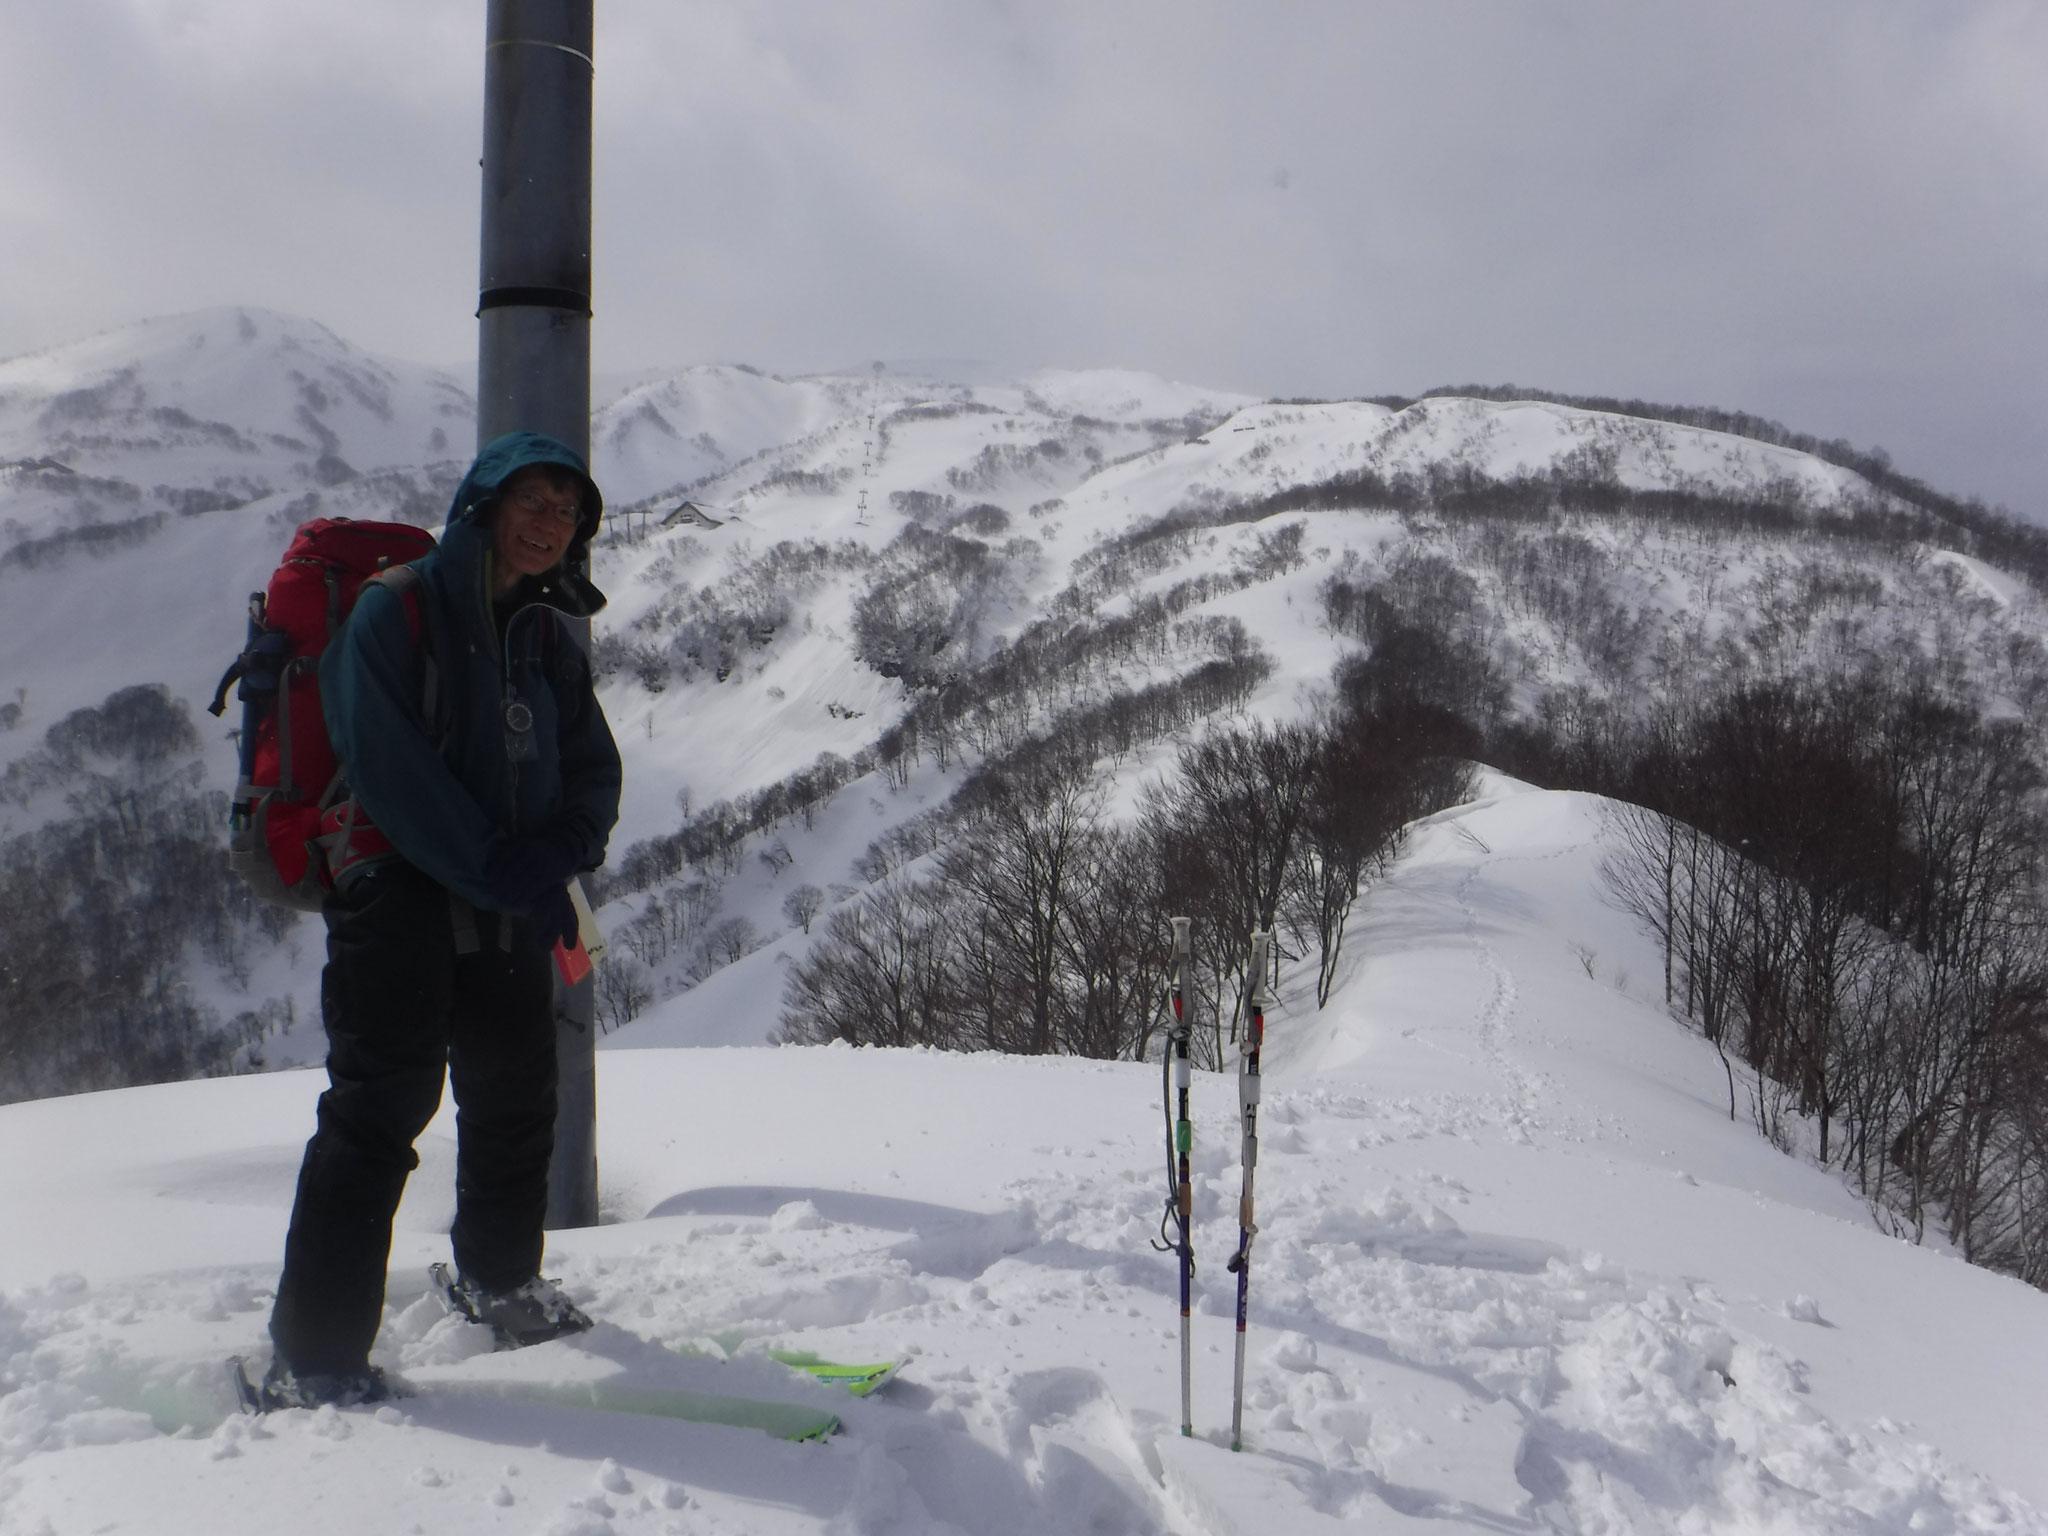 要山 828m、大毛無山はまだ遠い 12:10